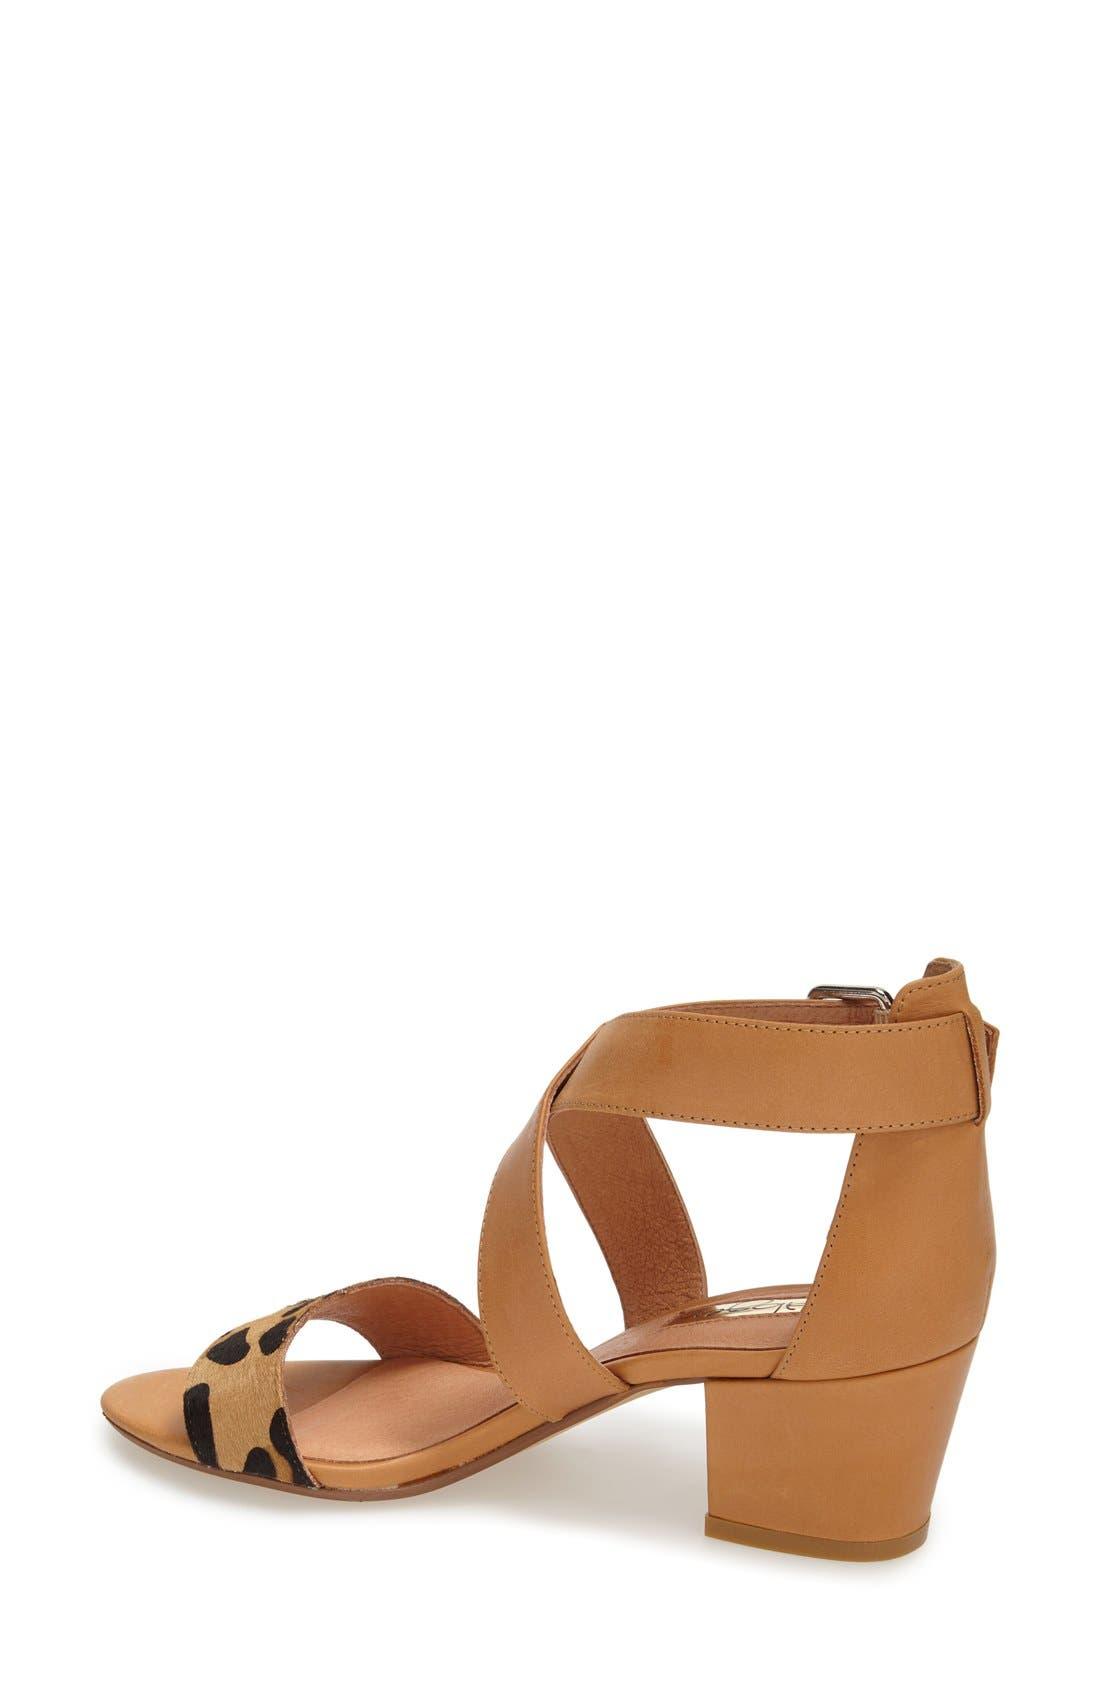 Alternate Image 2  - Halogen 'Rena' Crisscross Strap Sandal (Women)